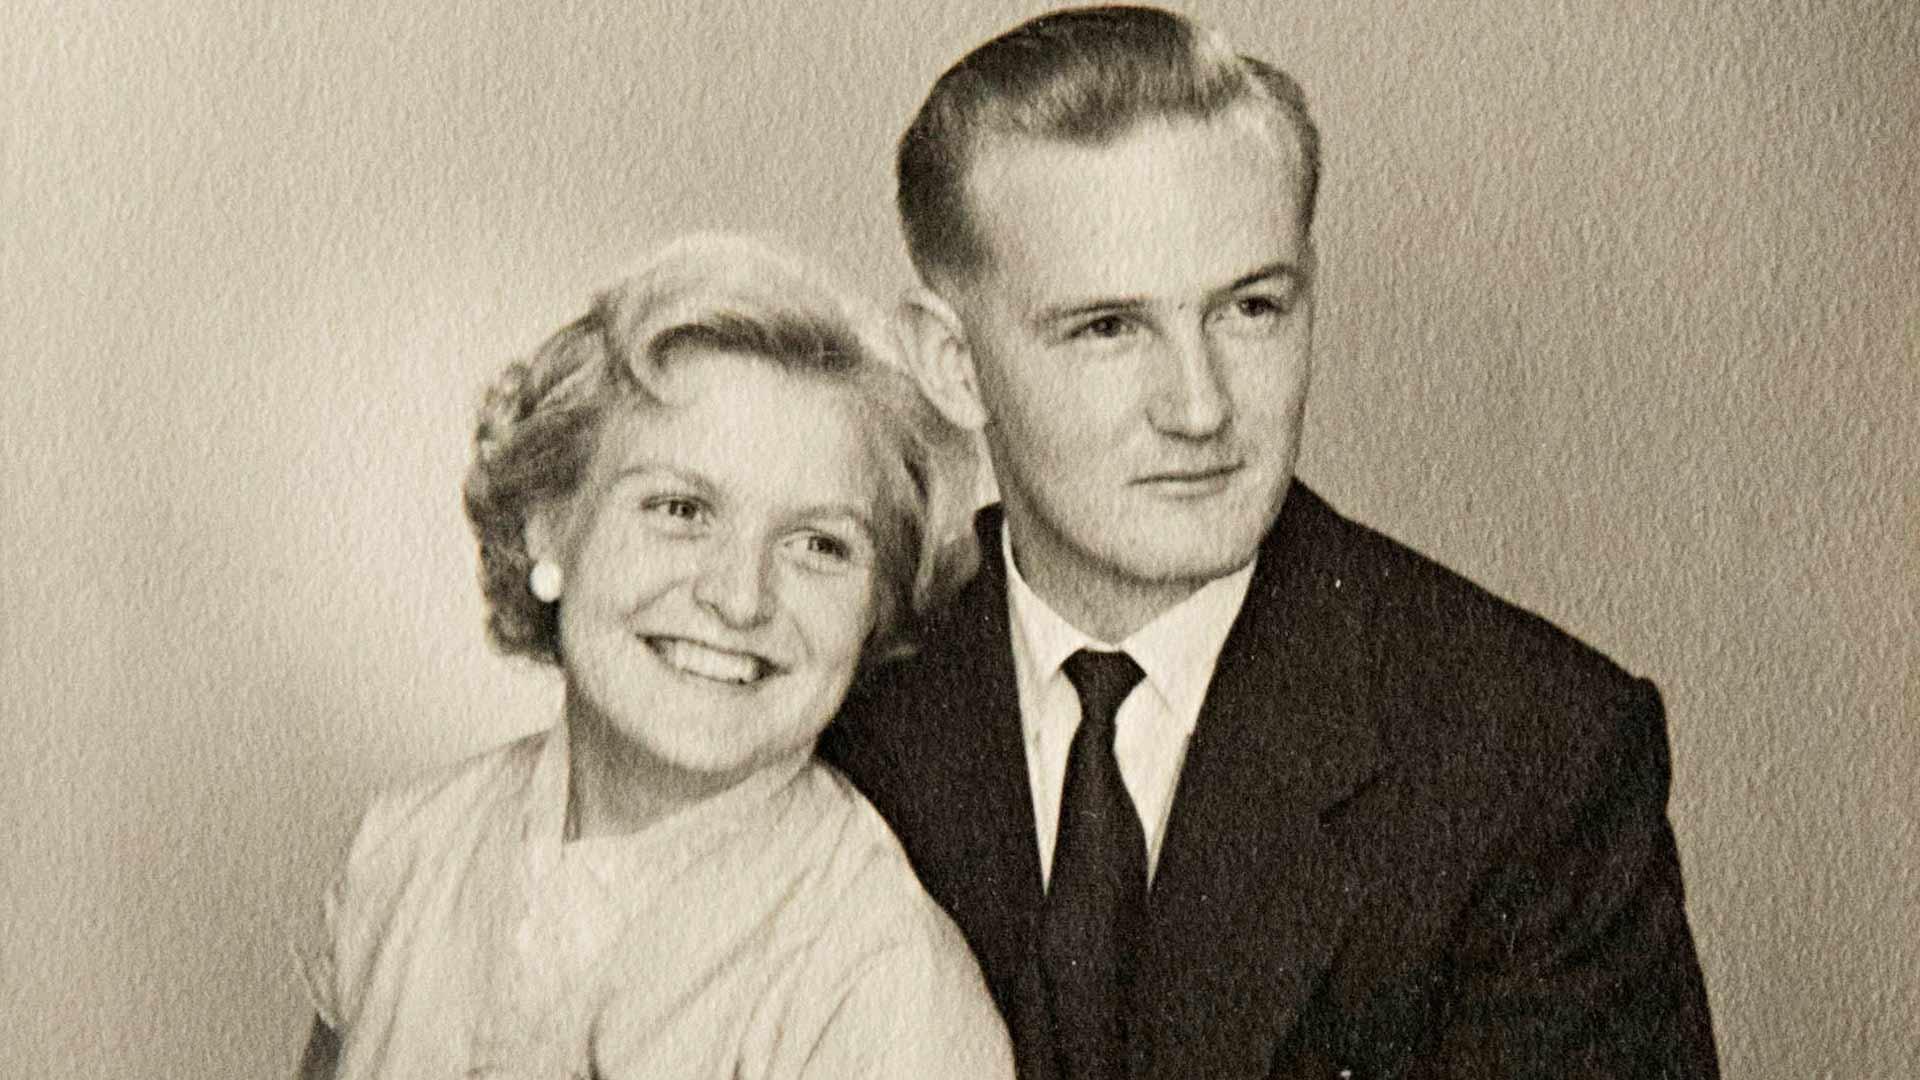 Ritvan ja Pentin hääkuva otettiin 3.9.1955.